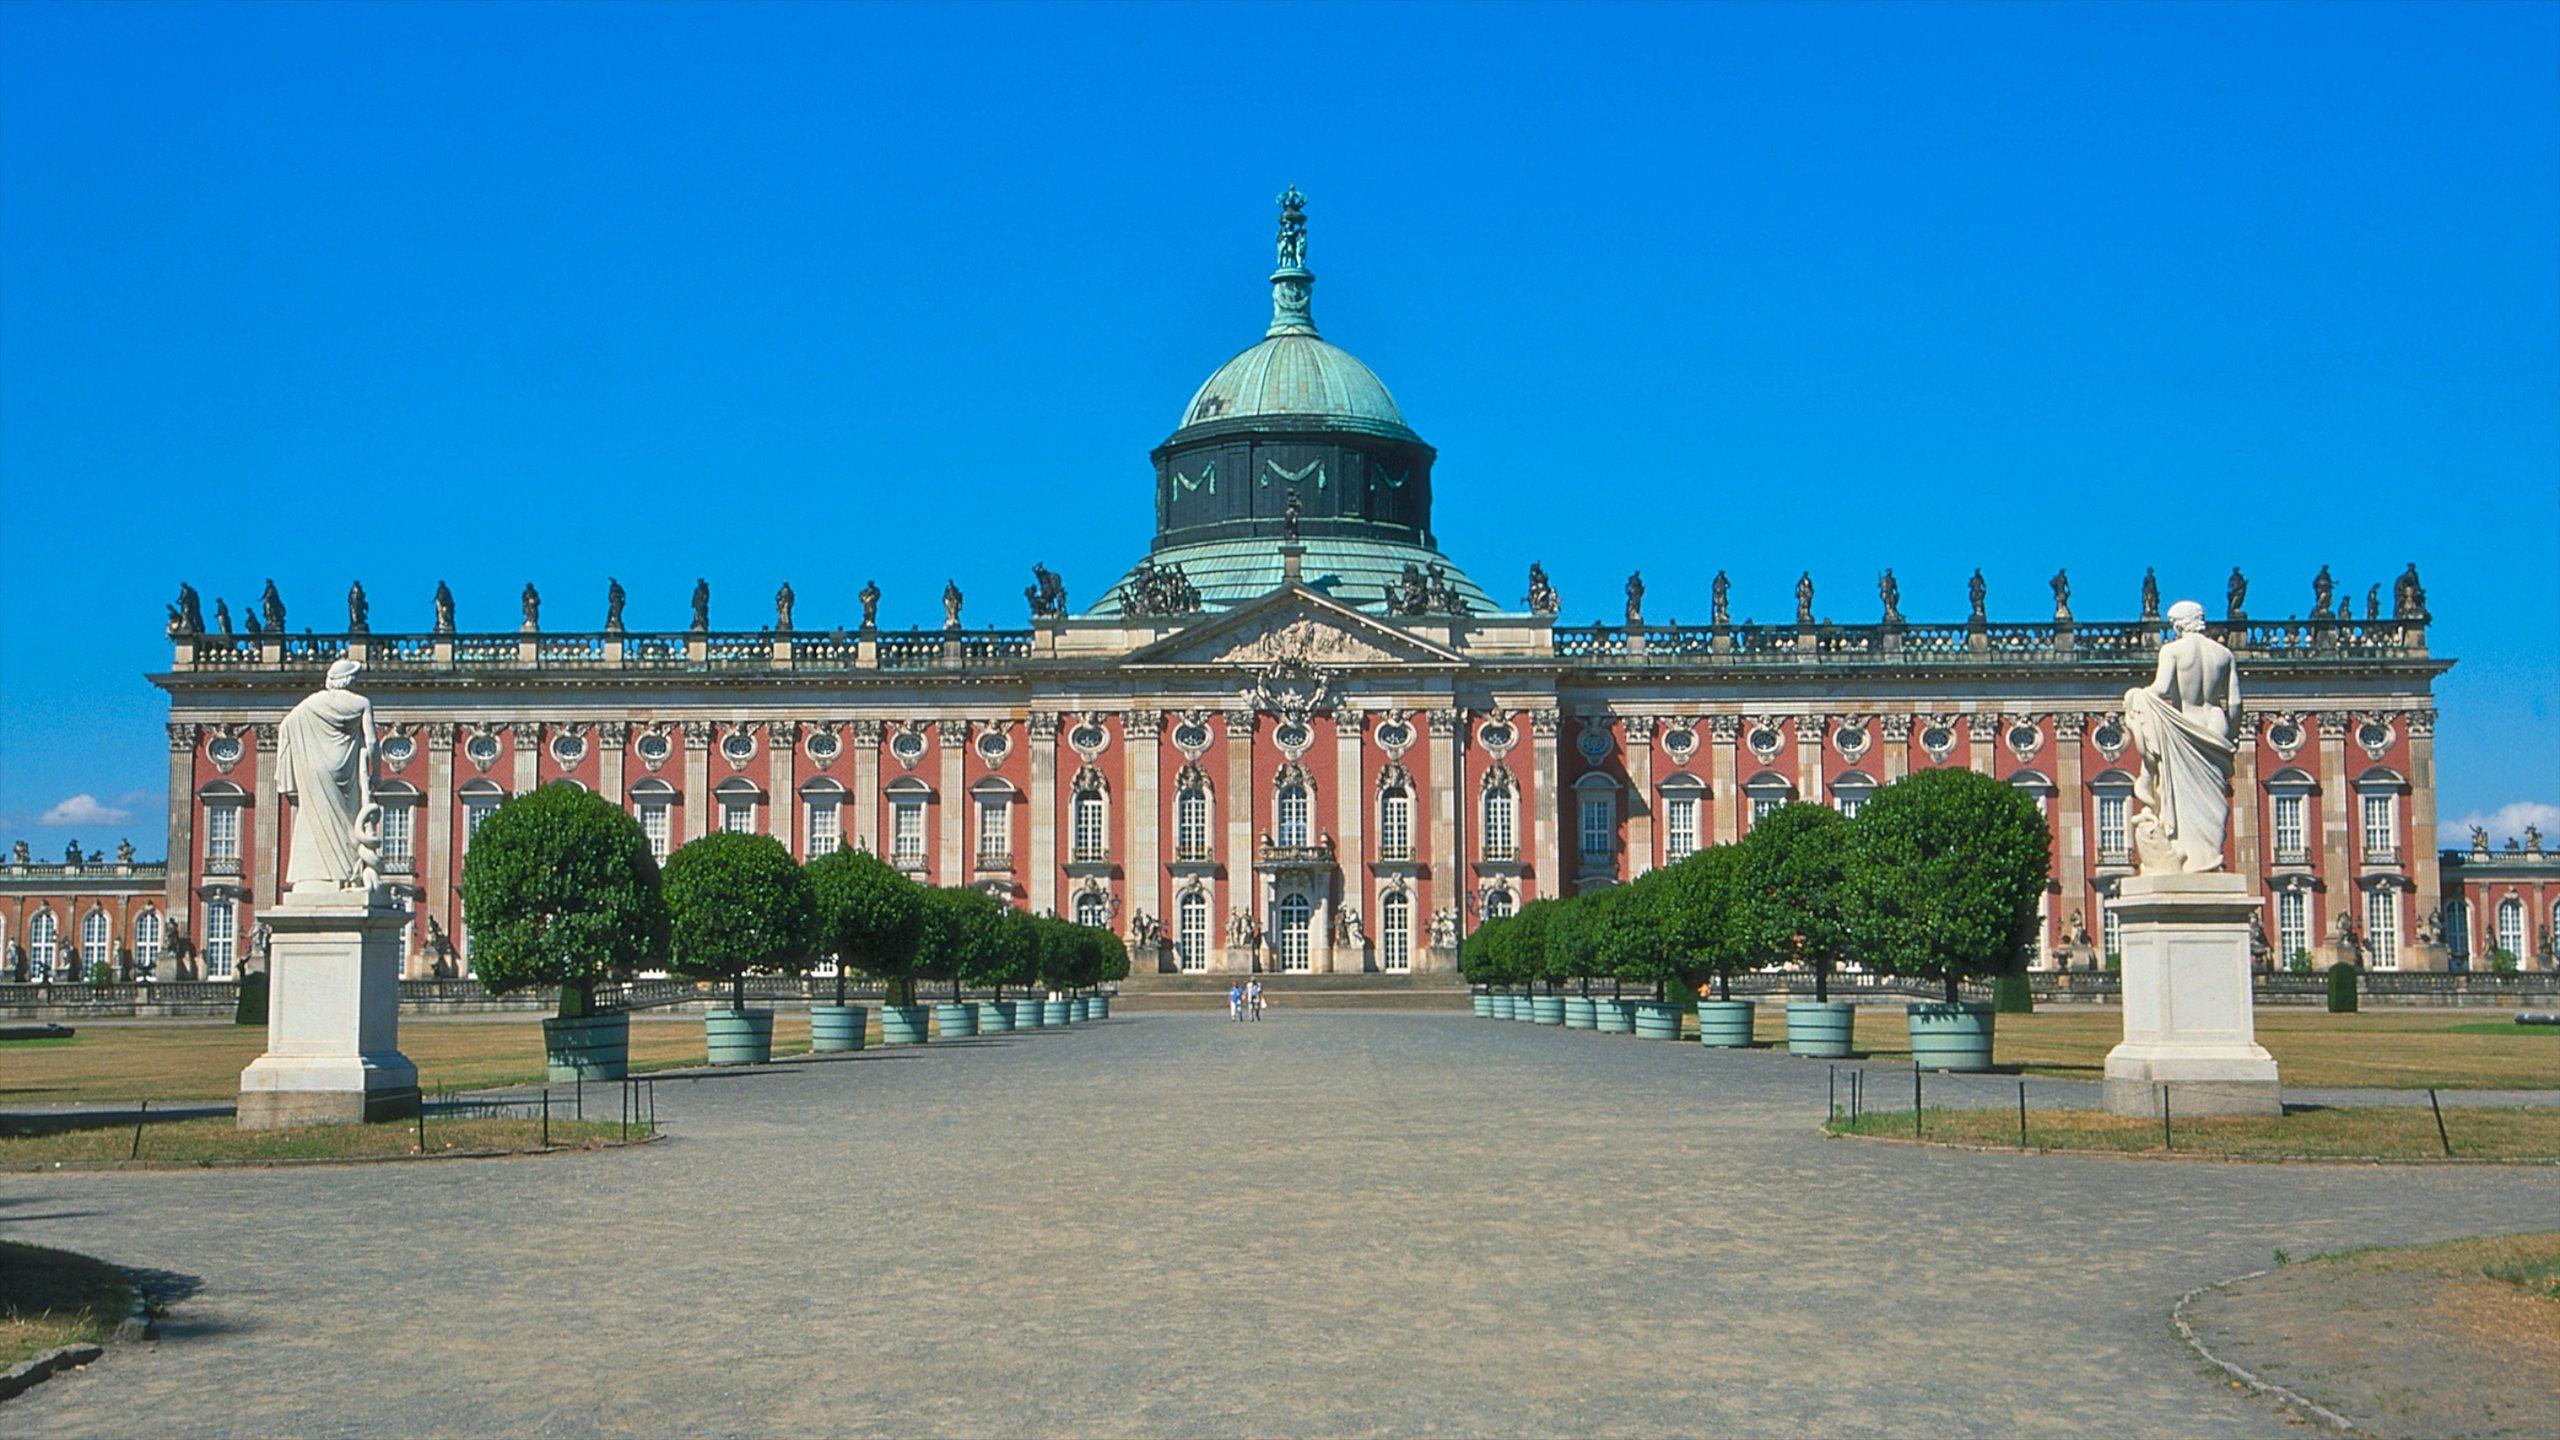 Nördliche Innenstadt, Potsdam, Brandenburg Region, Deutschland